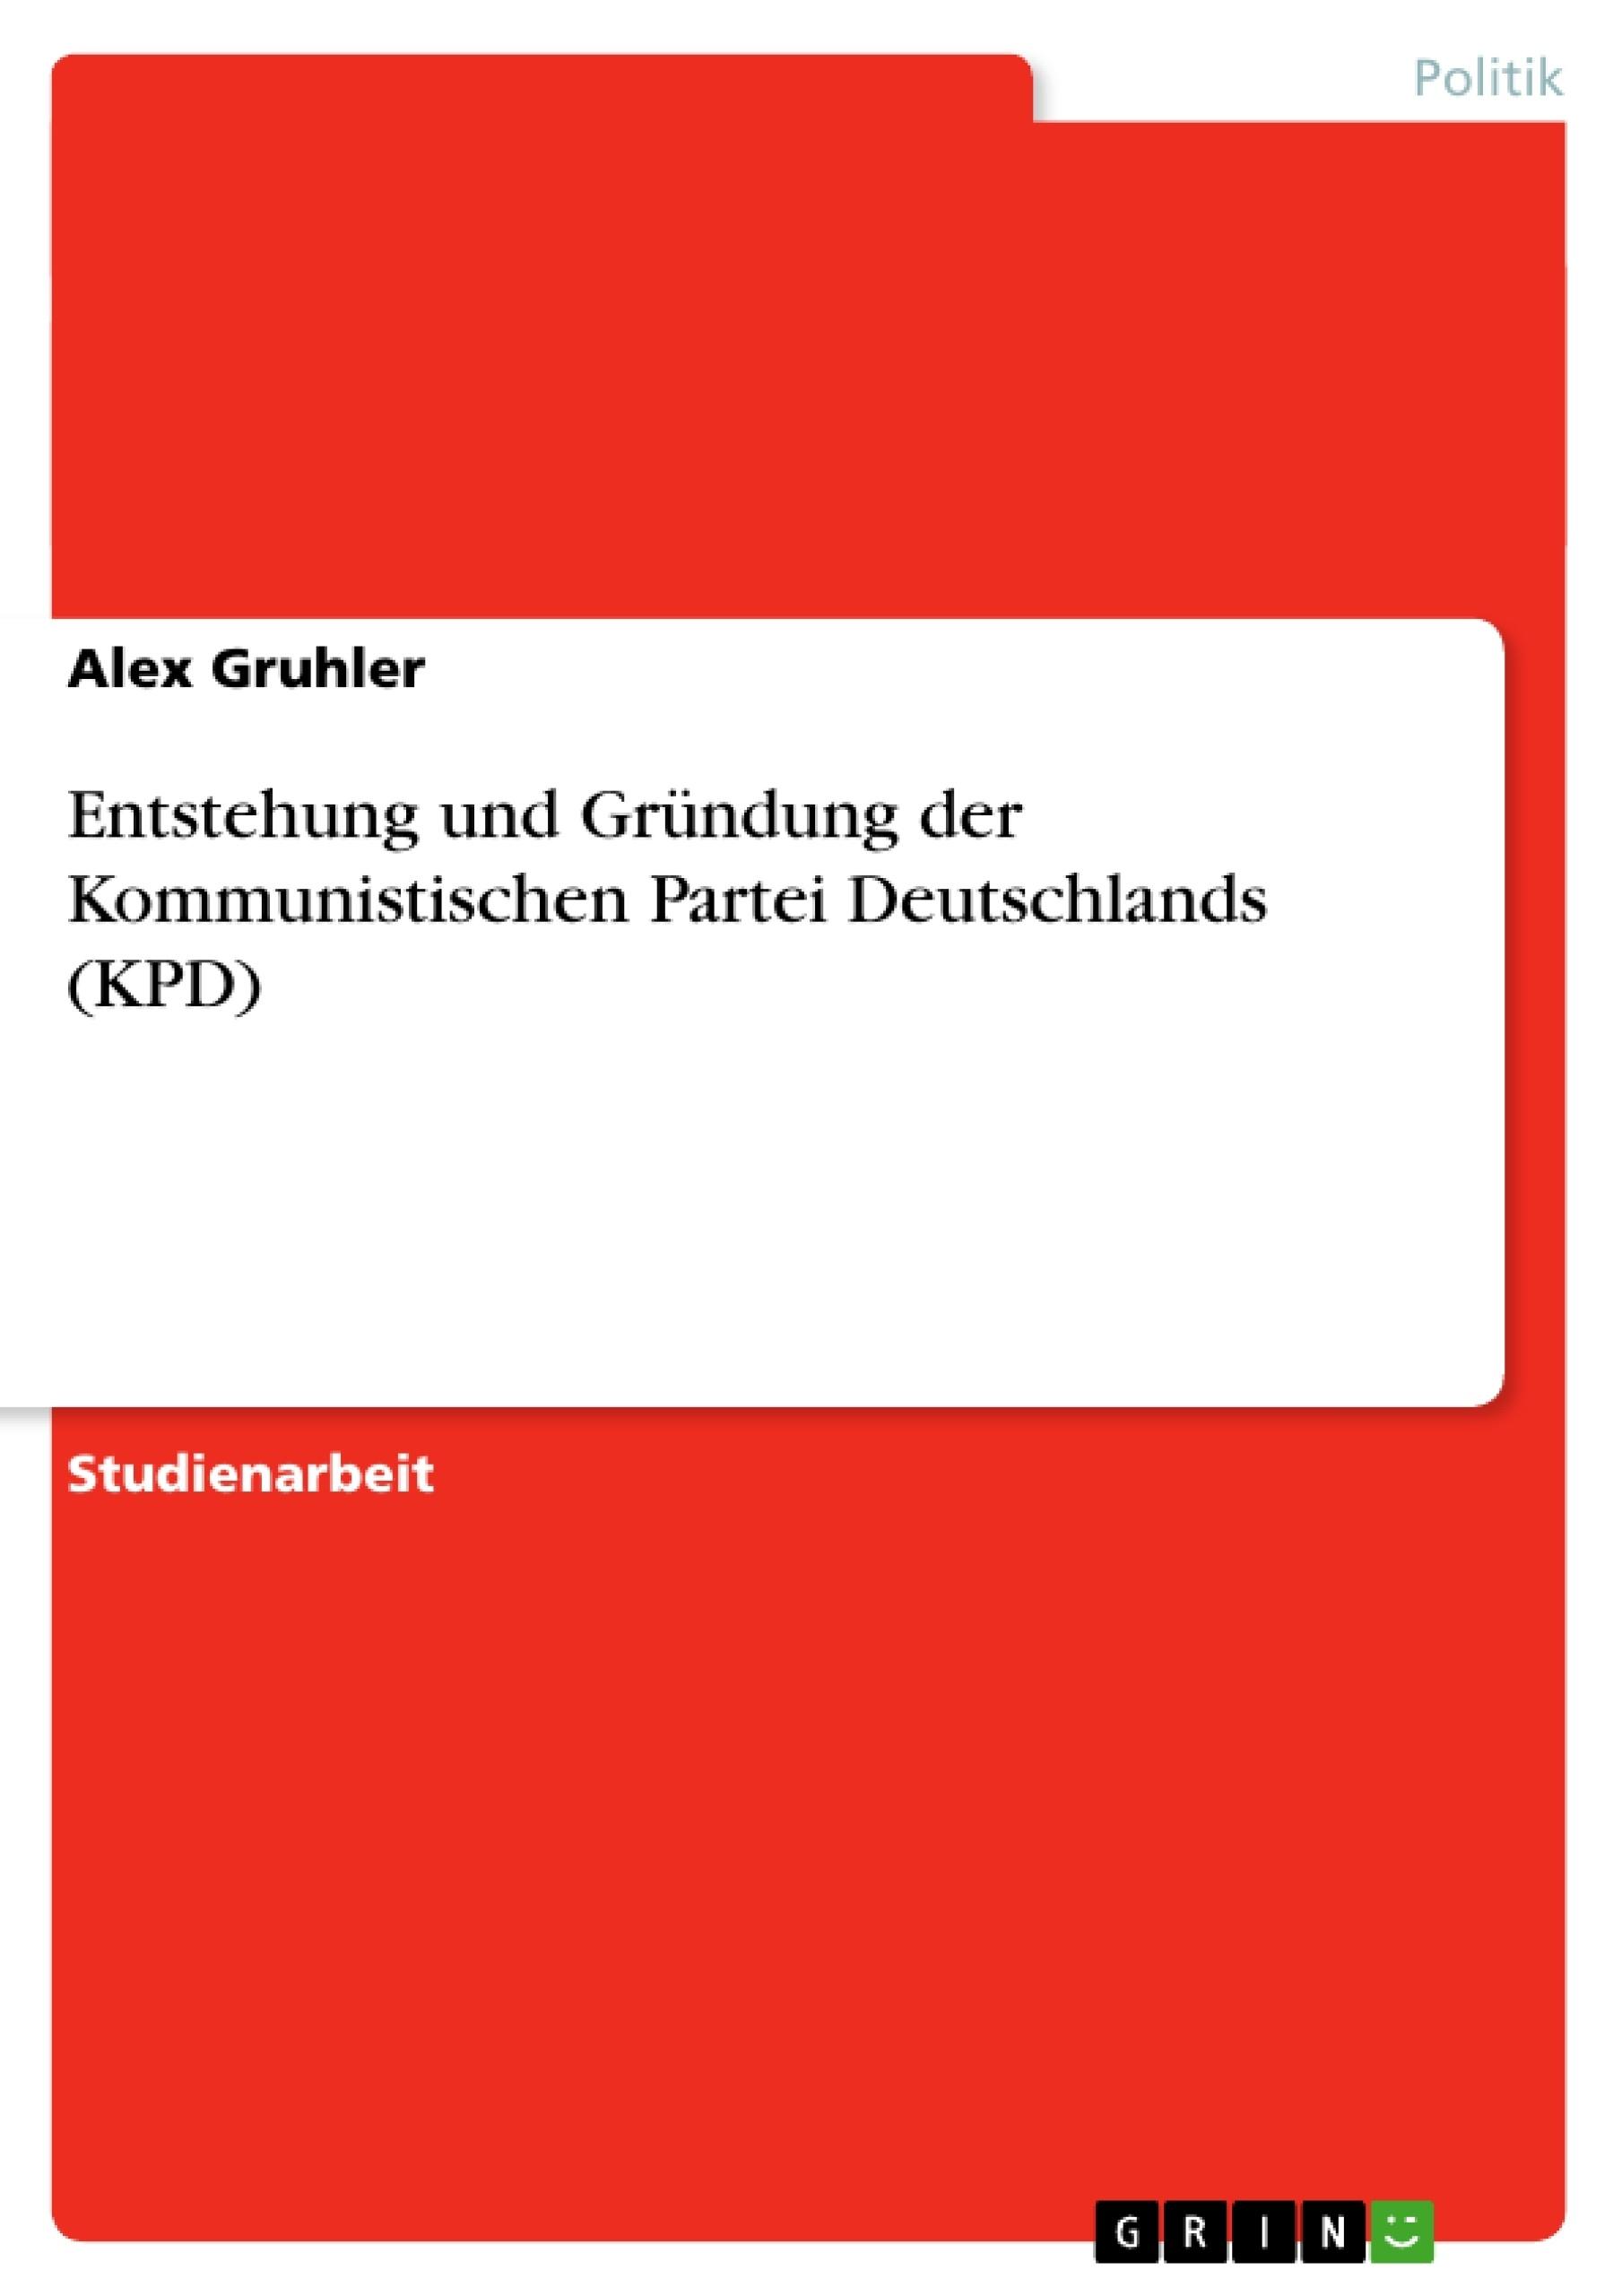 Titel: Entstehung und Gründung der Kommunistischen Partei Deutschlands (KPD)